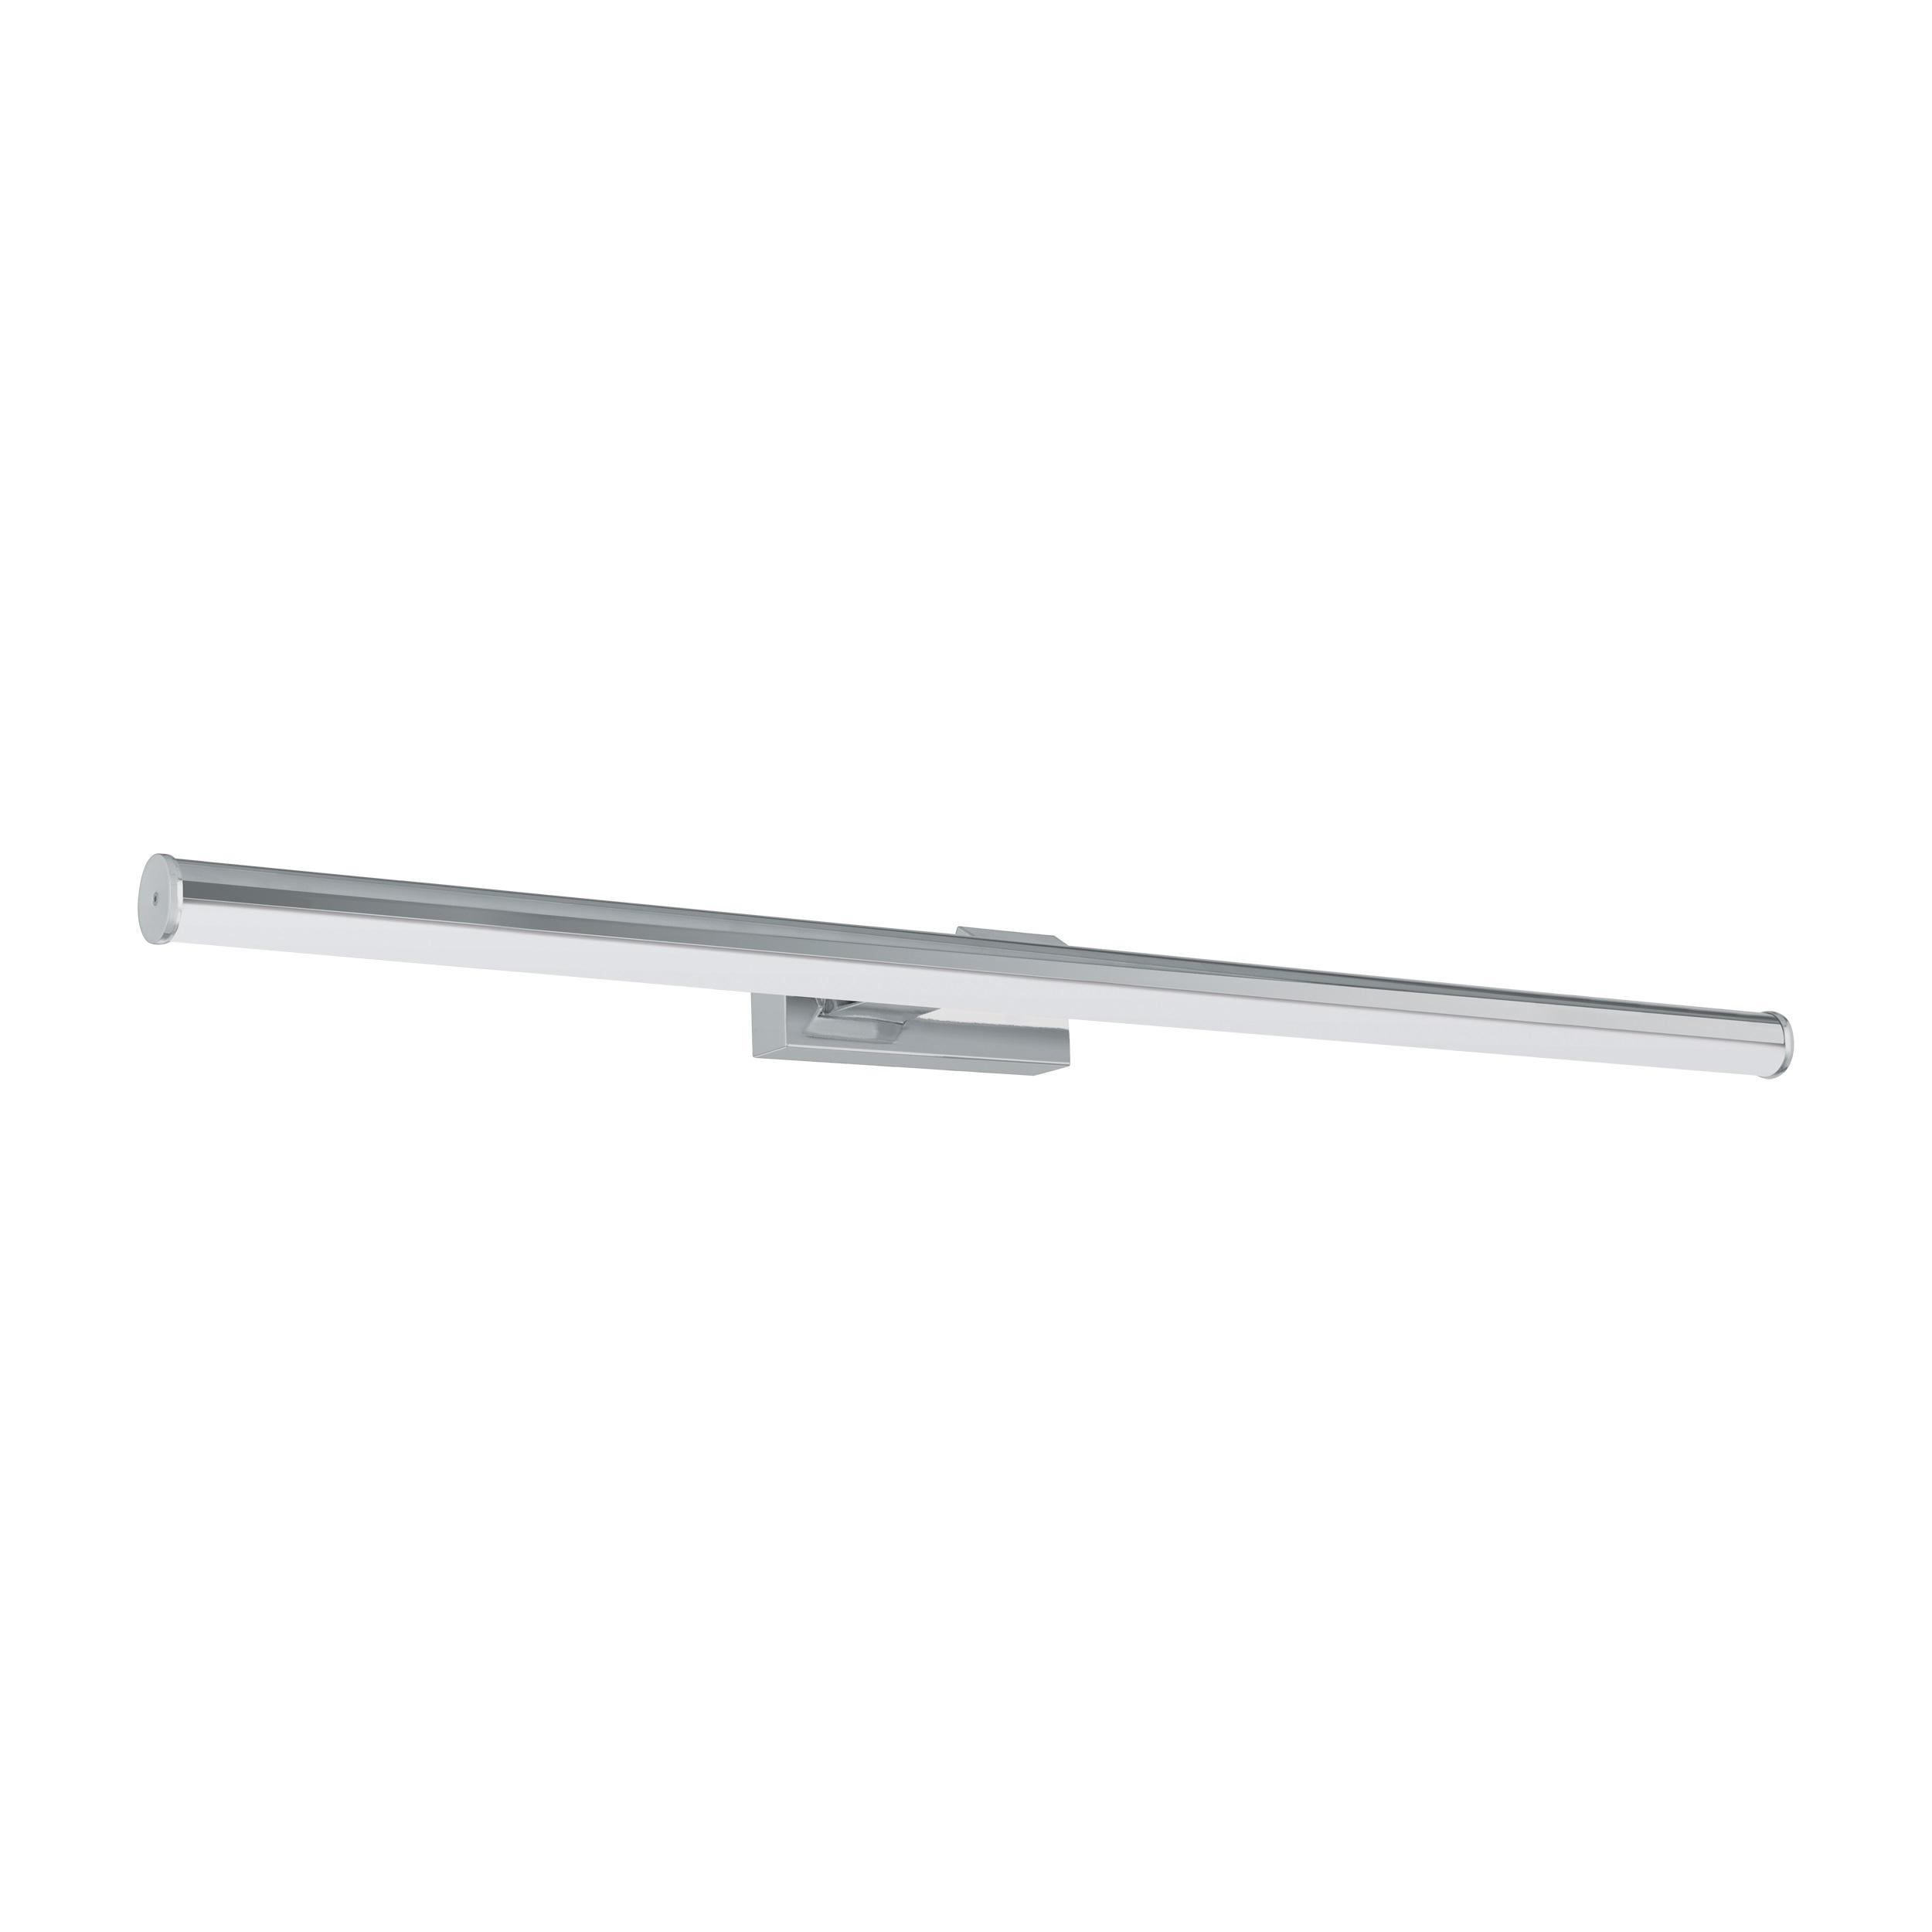 EGLO LED Spiegelleuchte LED-SPIEGELL.L-780 CHROM-WEISS VADUMI, Chrom/weiß, Kunststoff, 97083 | Lampen > Badlampen | Chrom - Weiss | Kunststoff